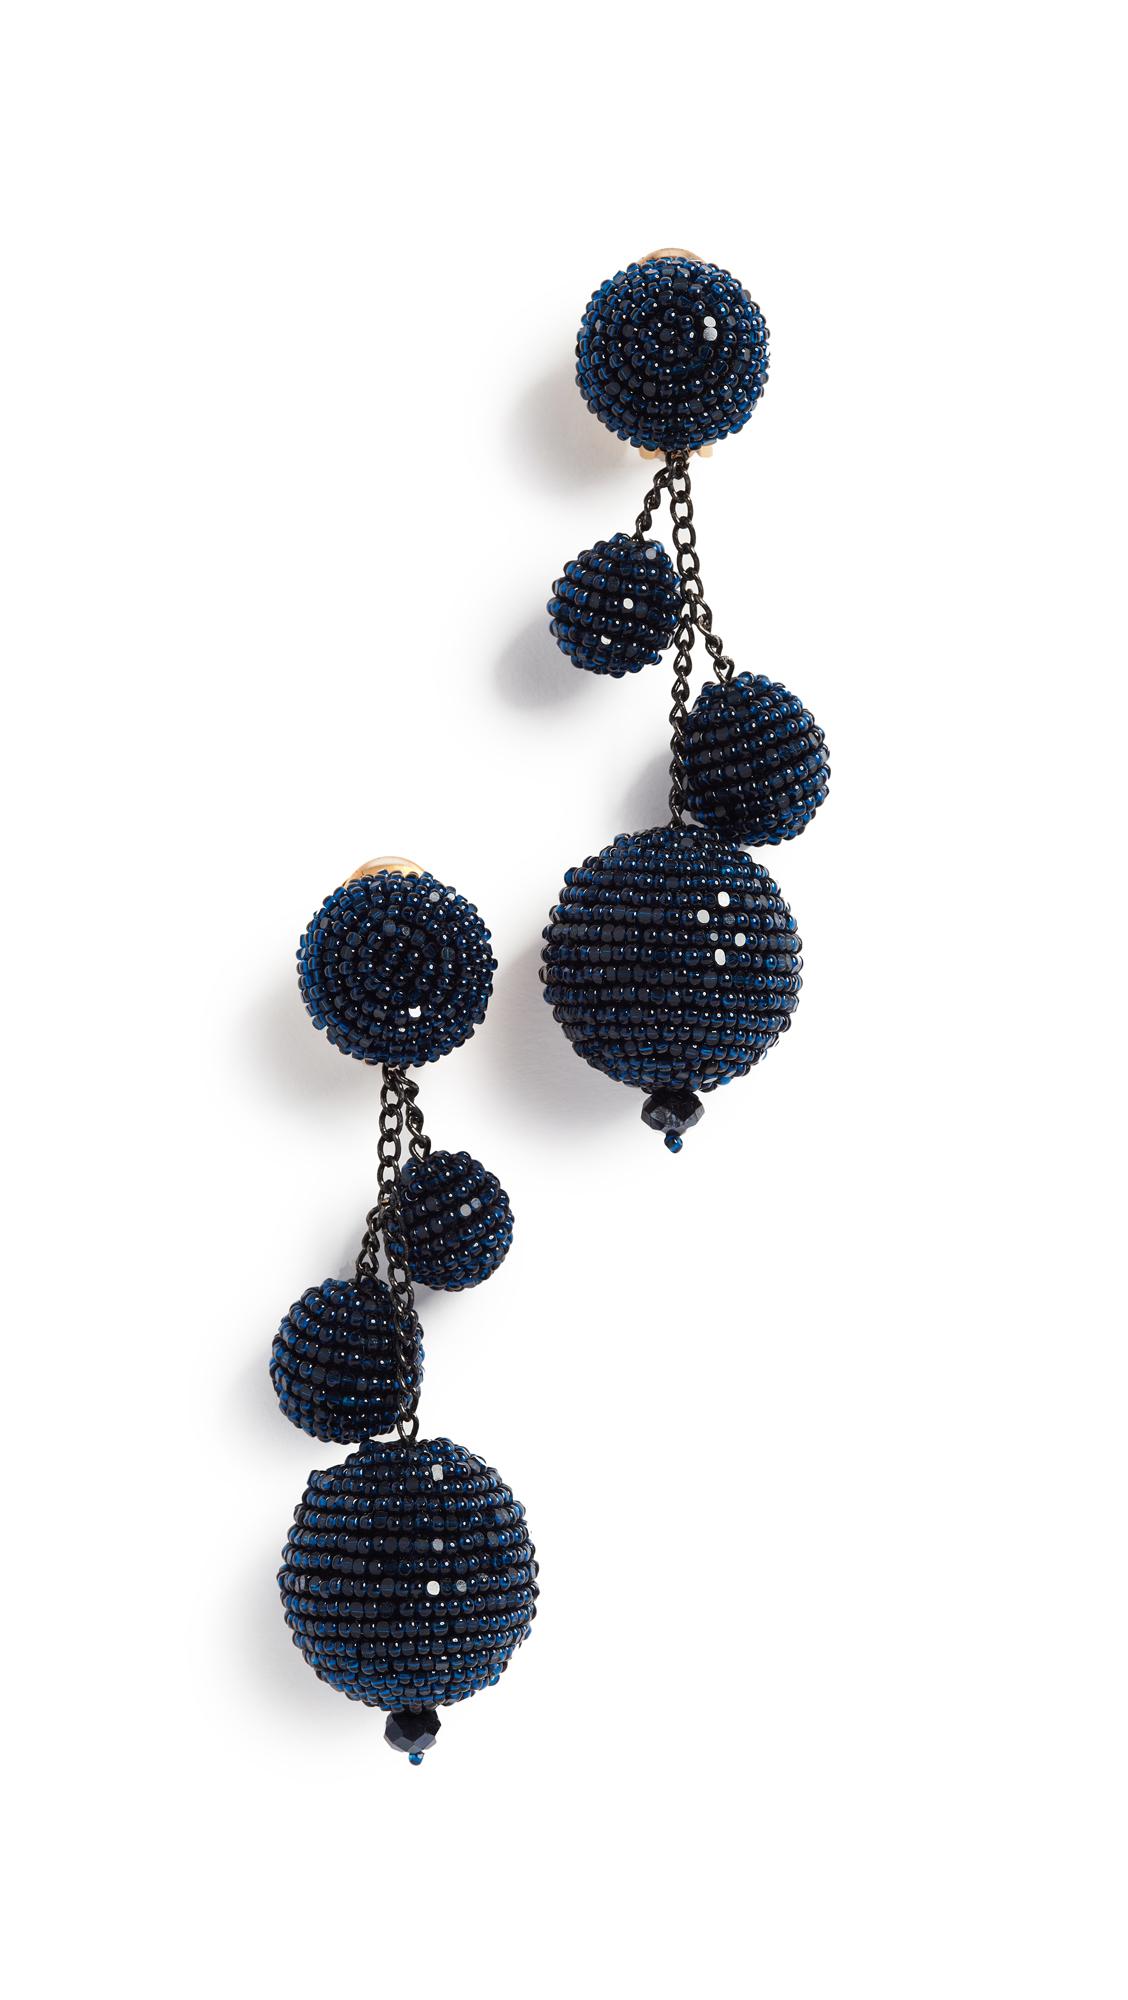 Triple Beaded Ball Earrings Oscar De La Renta 4aoUmkrO5d